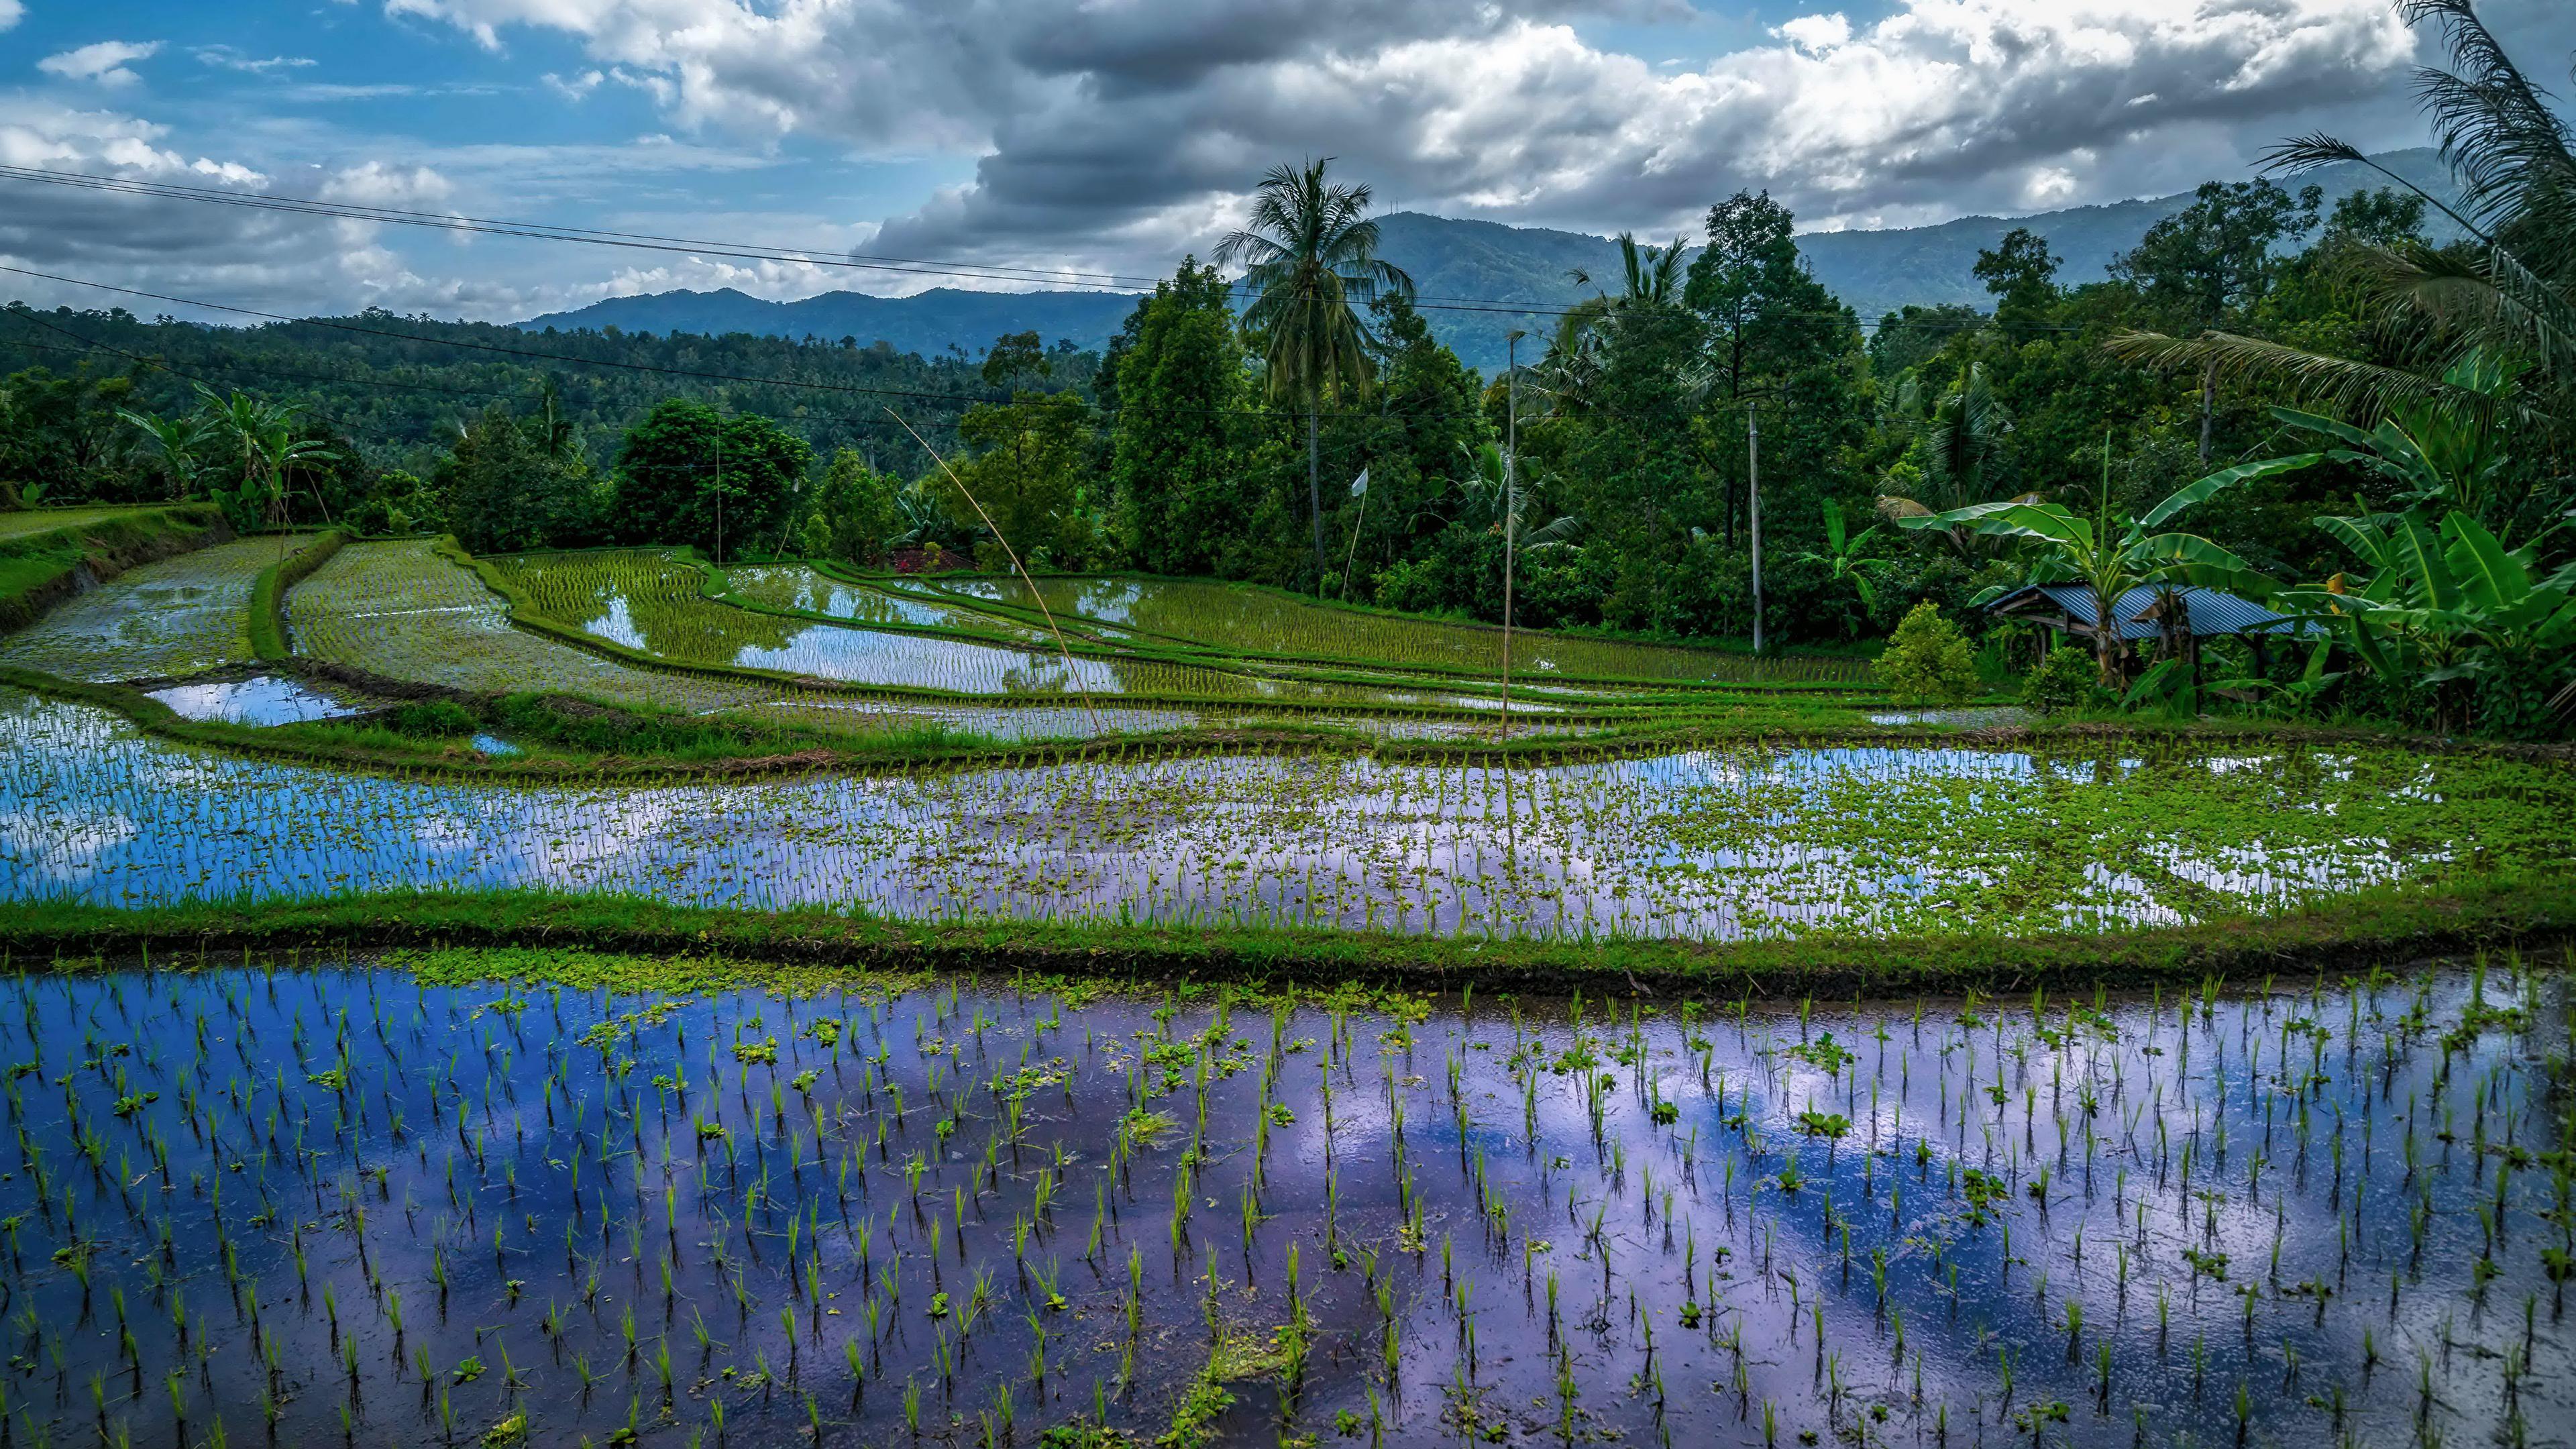 природа река деревь облака Индонезия  № 1670696 загрузить